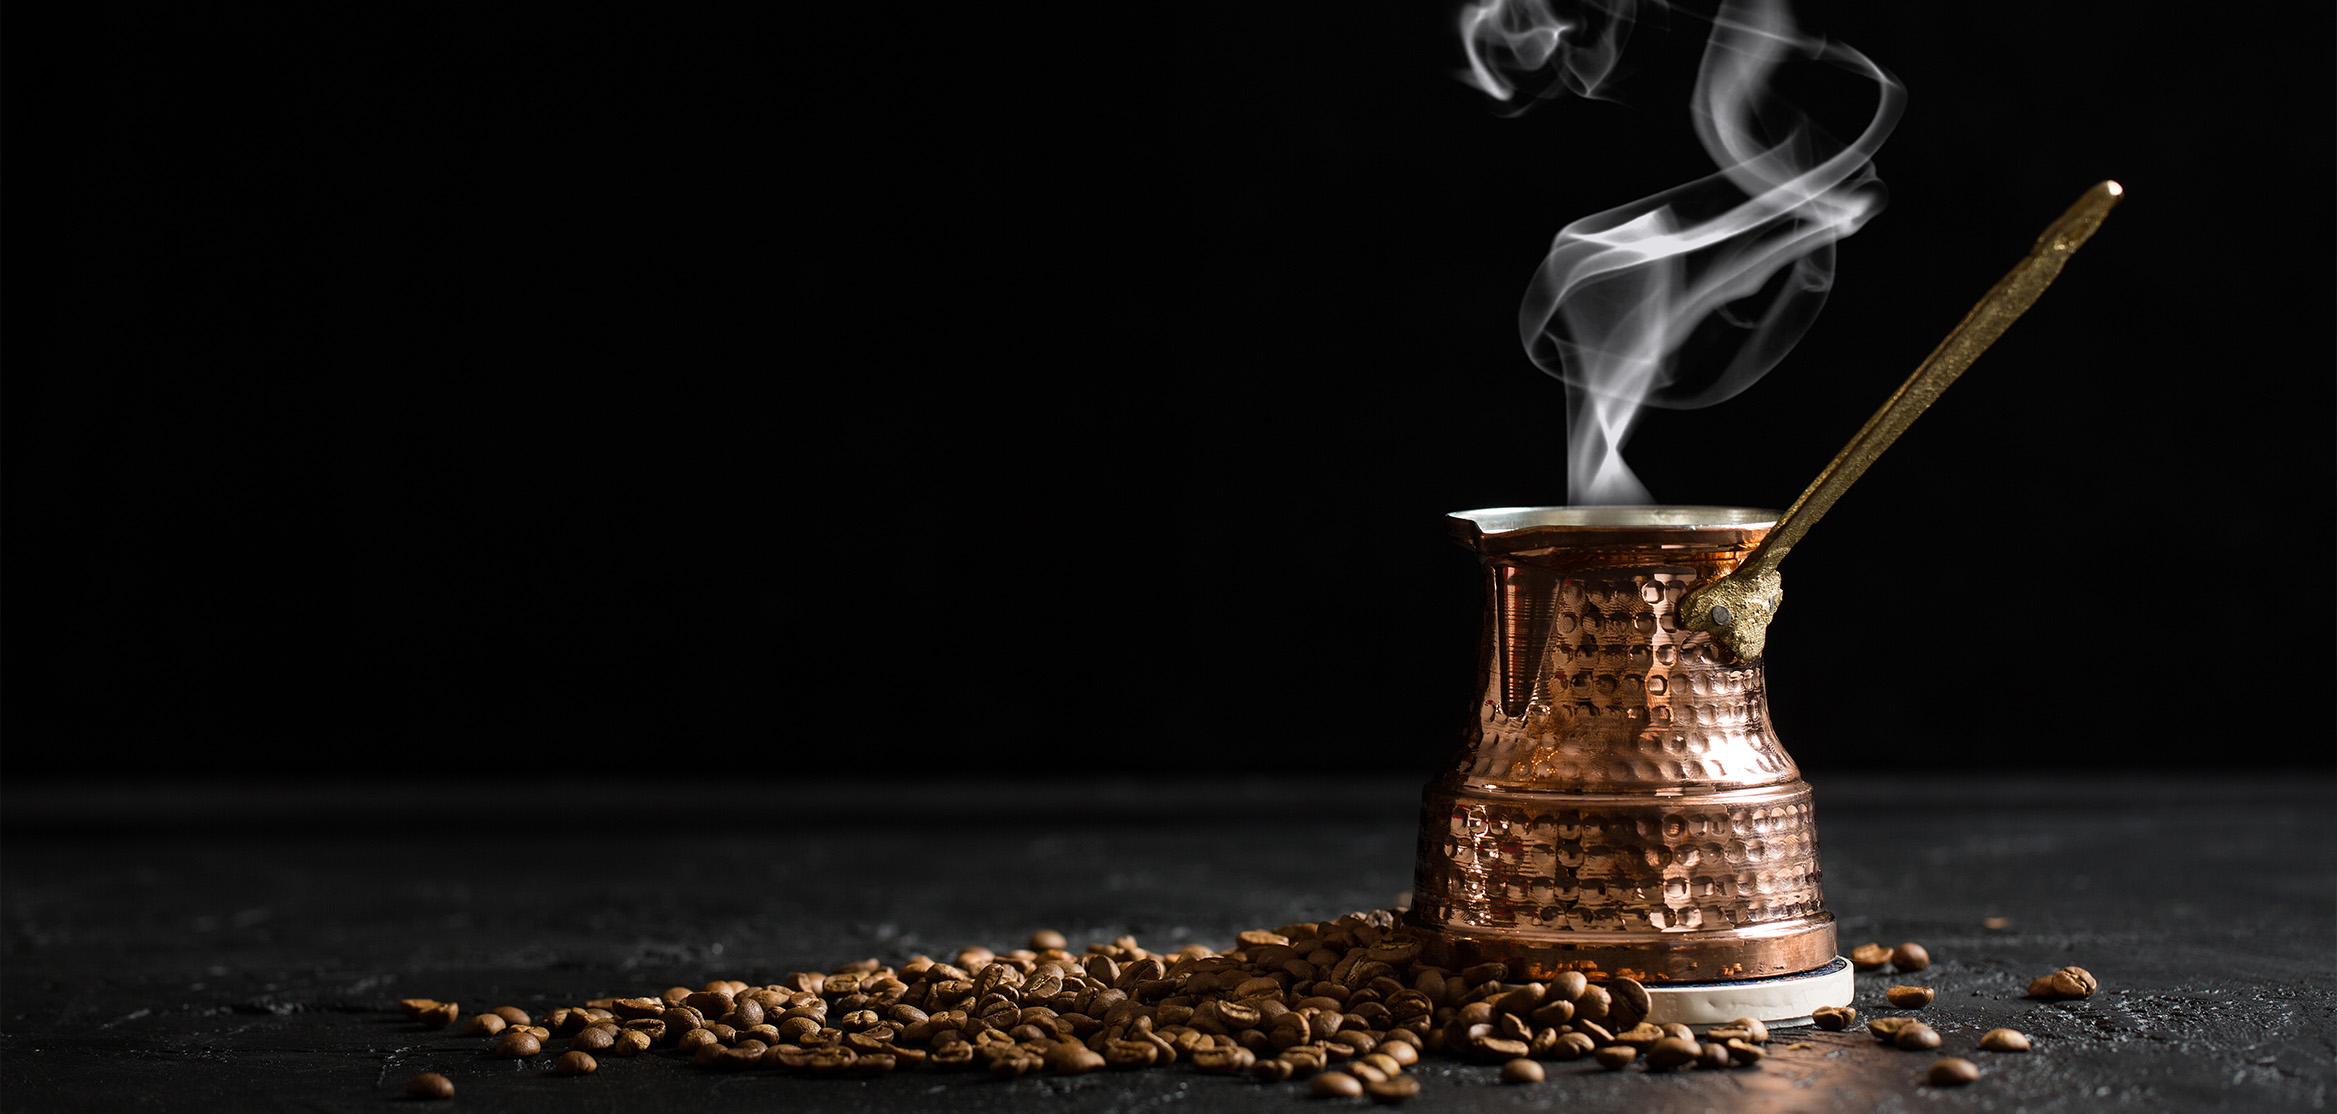 Bonus: Turkish Coffee